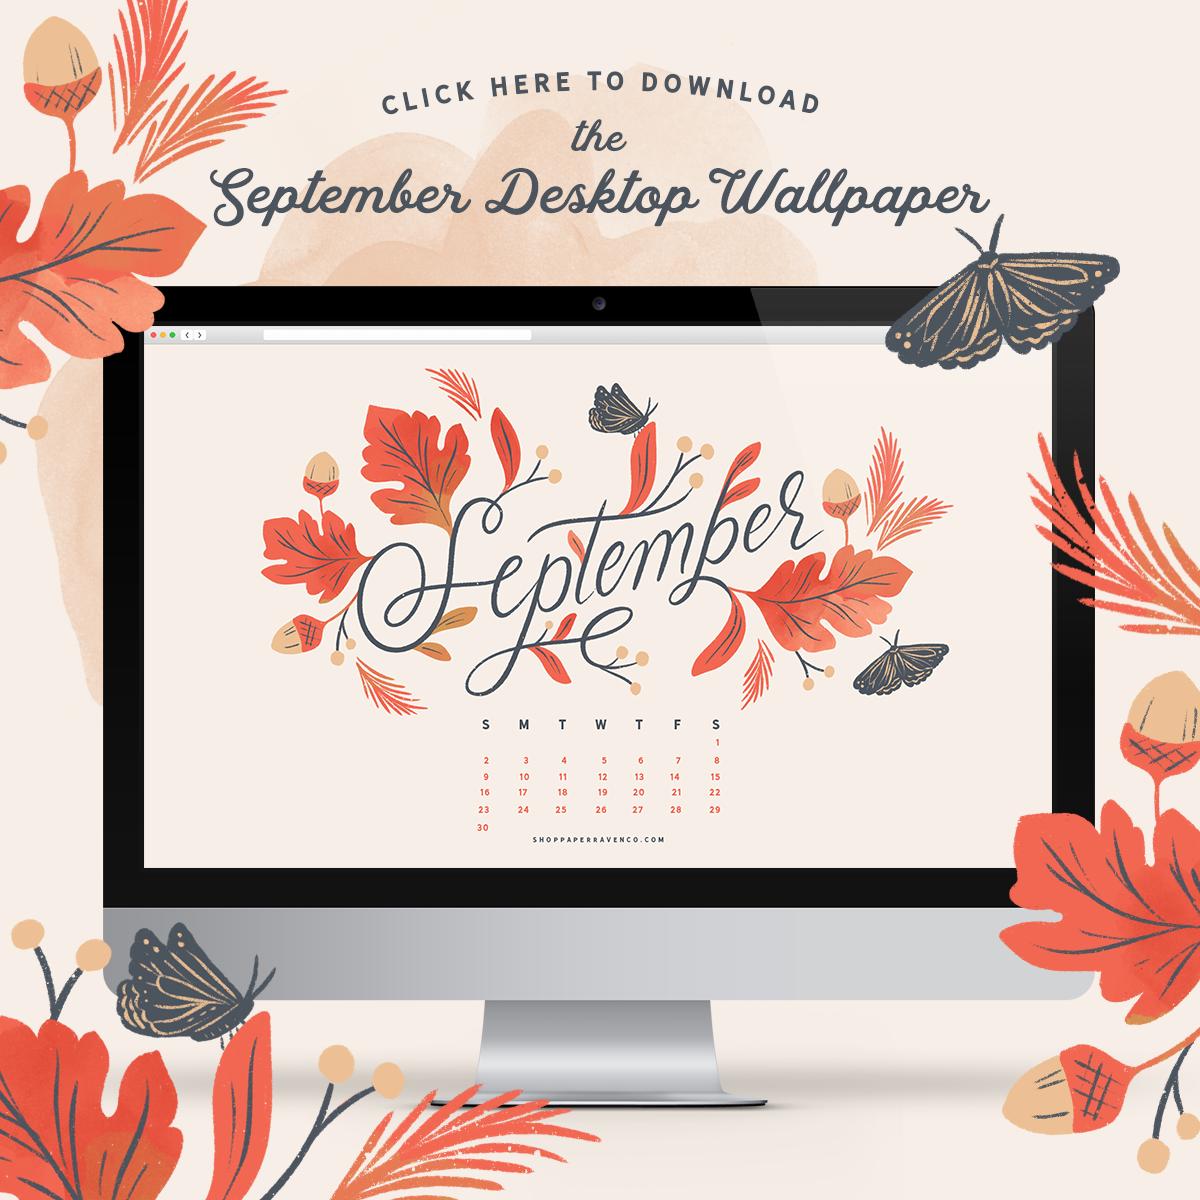 Paper Raven Co. September 2018 Desktop Wallpaper - www.ShopPaperRavenCo.com